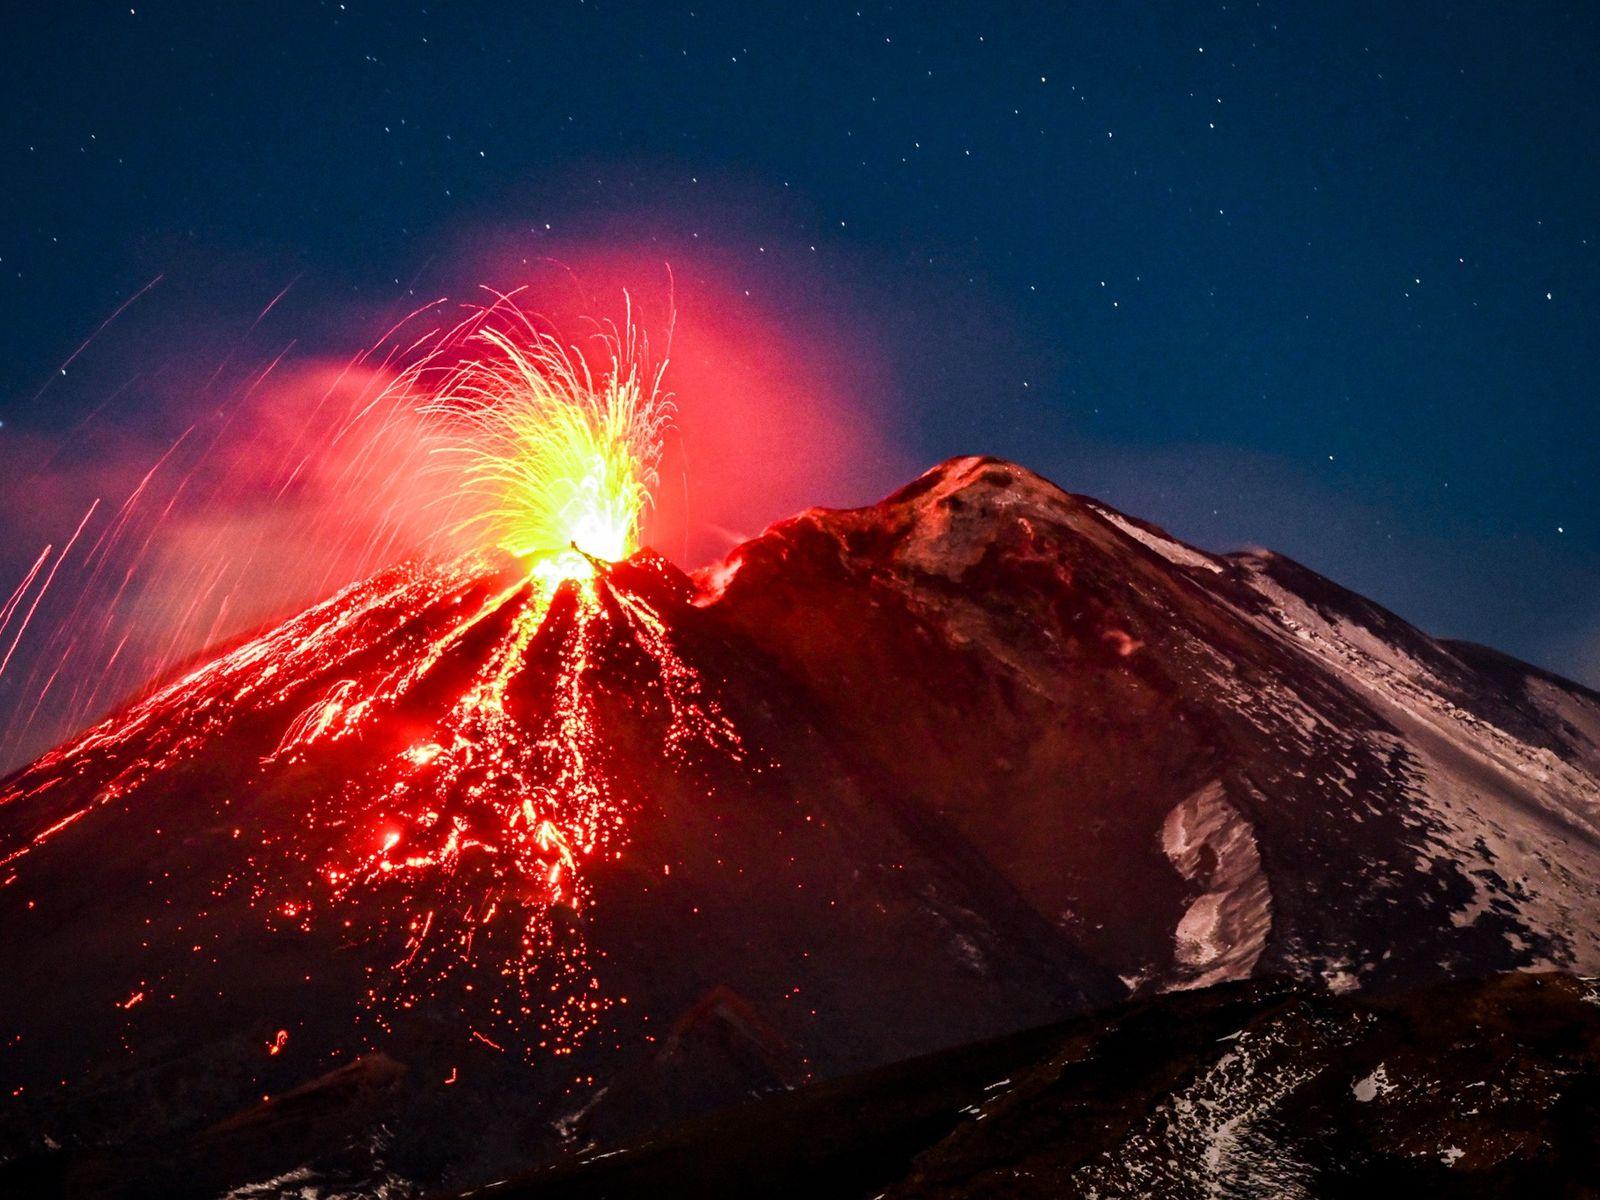 Situé en Italie, l'Etna est l'un des volcans les plus actifs d'Europe. Ses explosions spectaculaires, comme ...